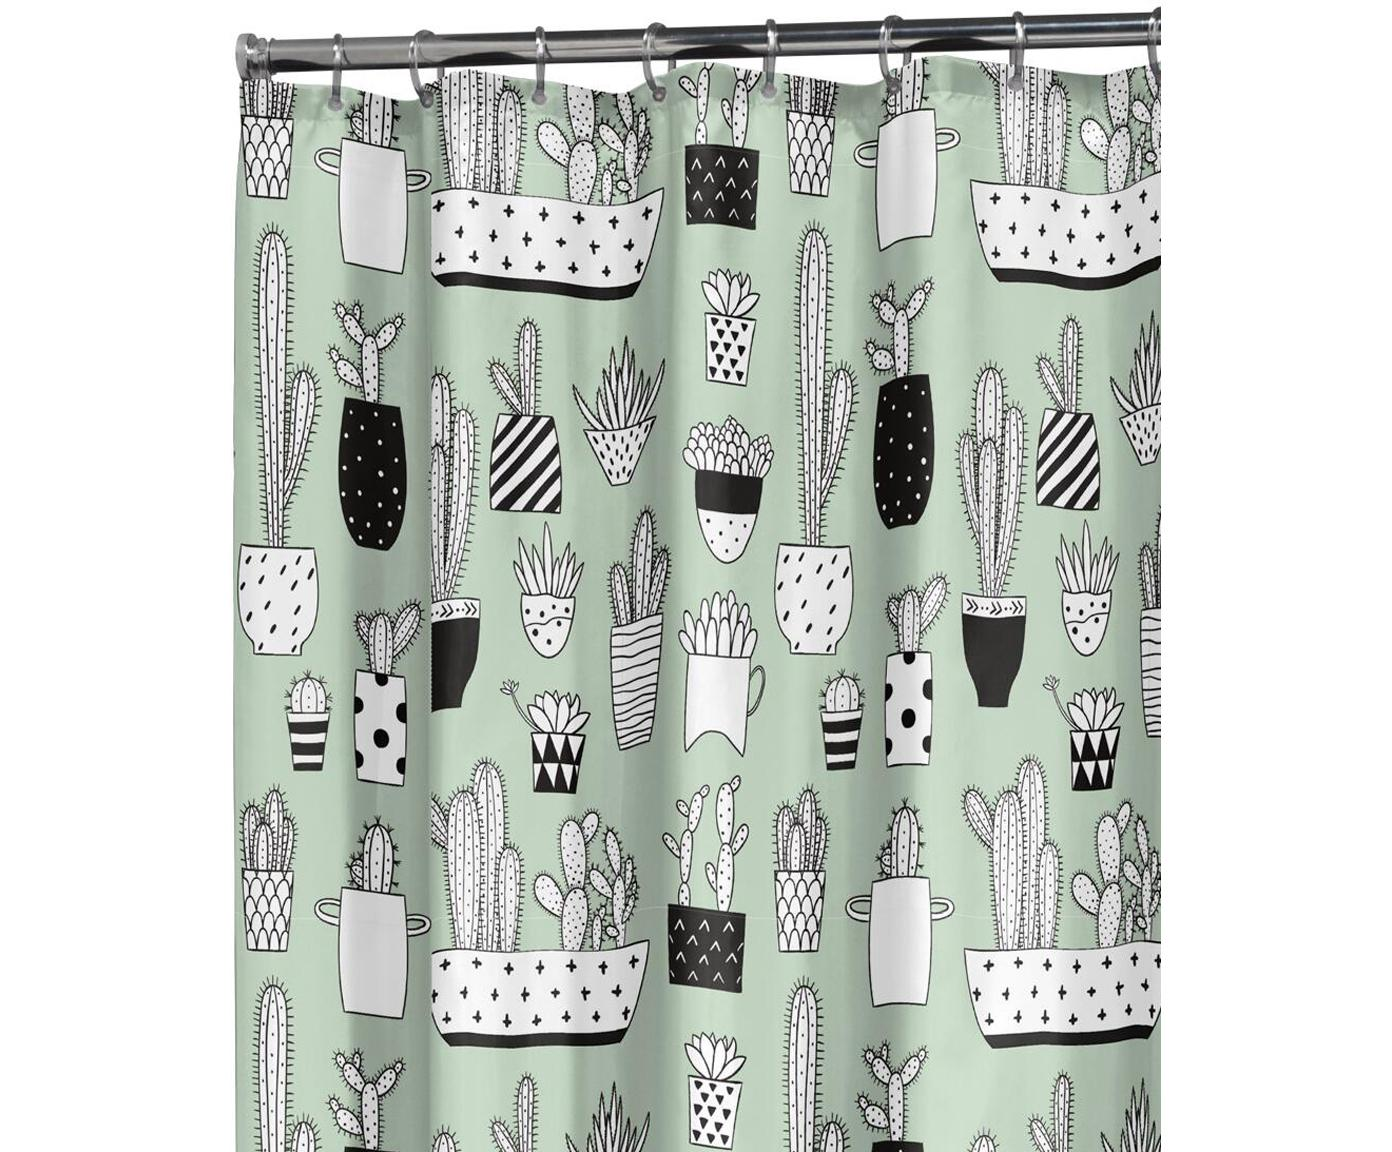 Duschvorhang Cactus mit Kaktus-Print, Kunststoff (PEVA), wasserdicht, Grün, Schwarz, Weiß, 180 x 200 cm